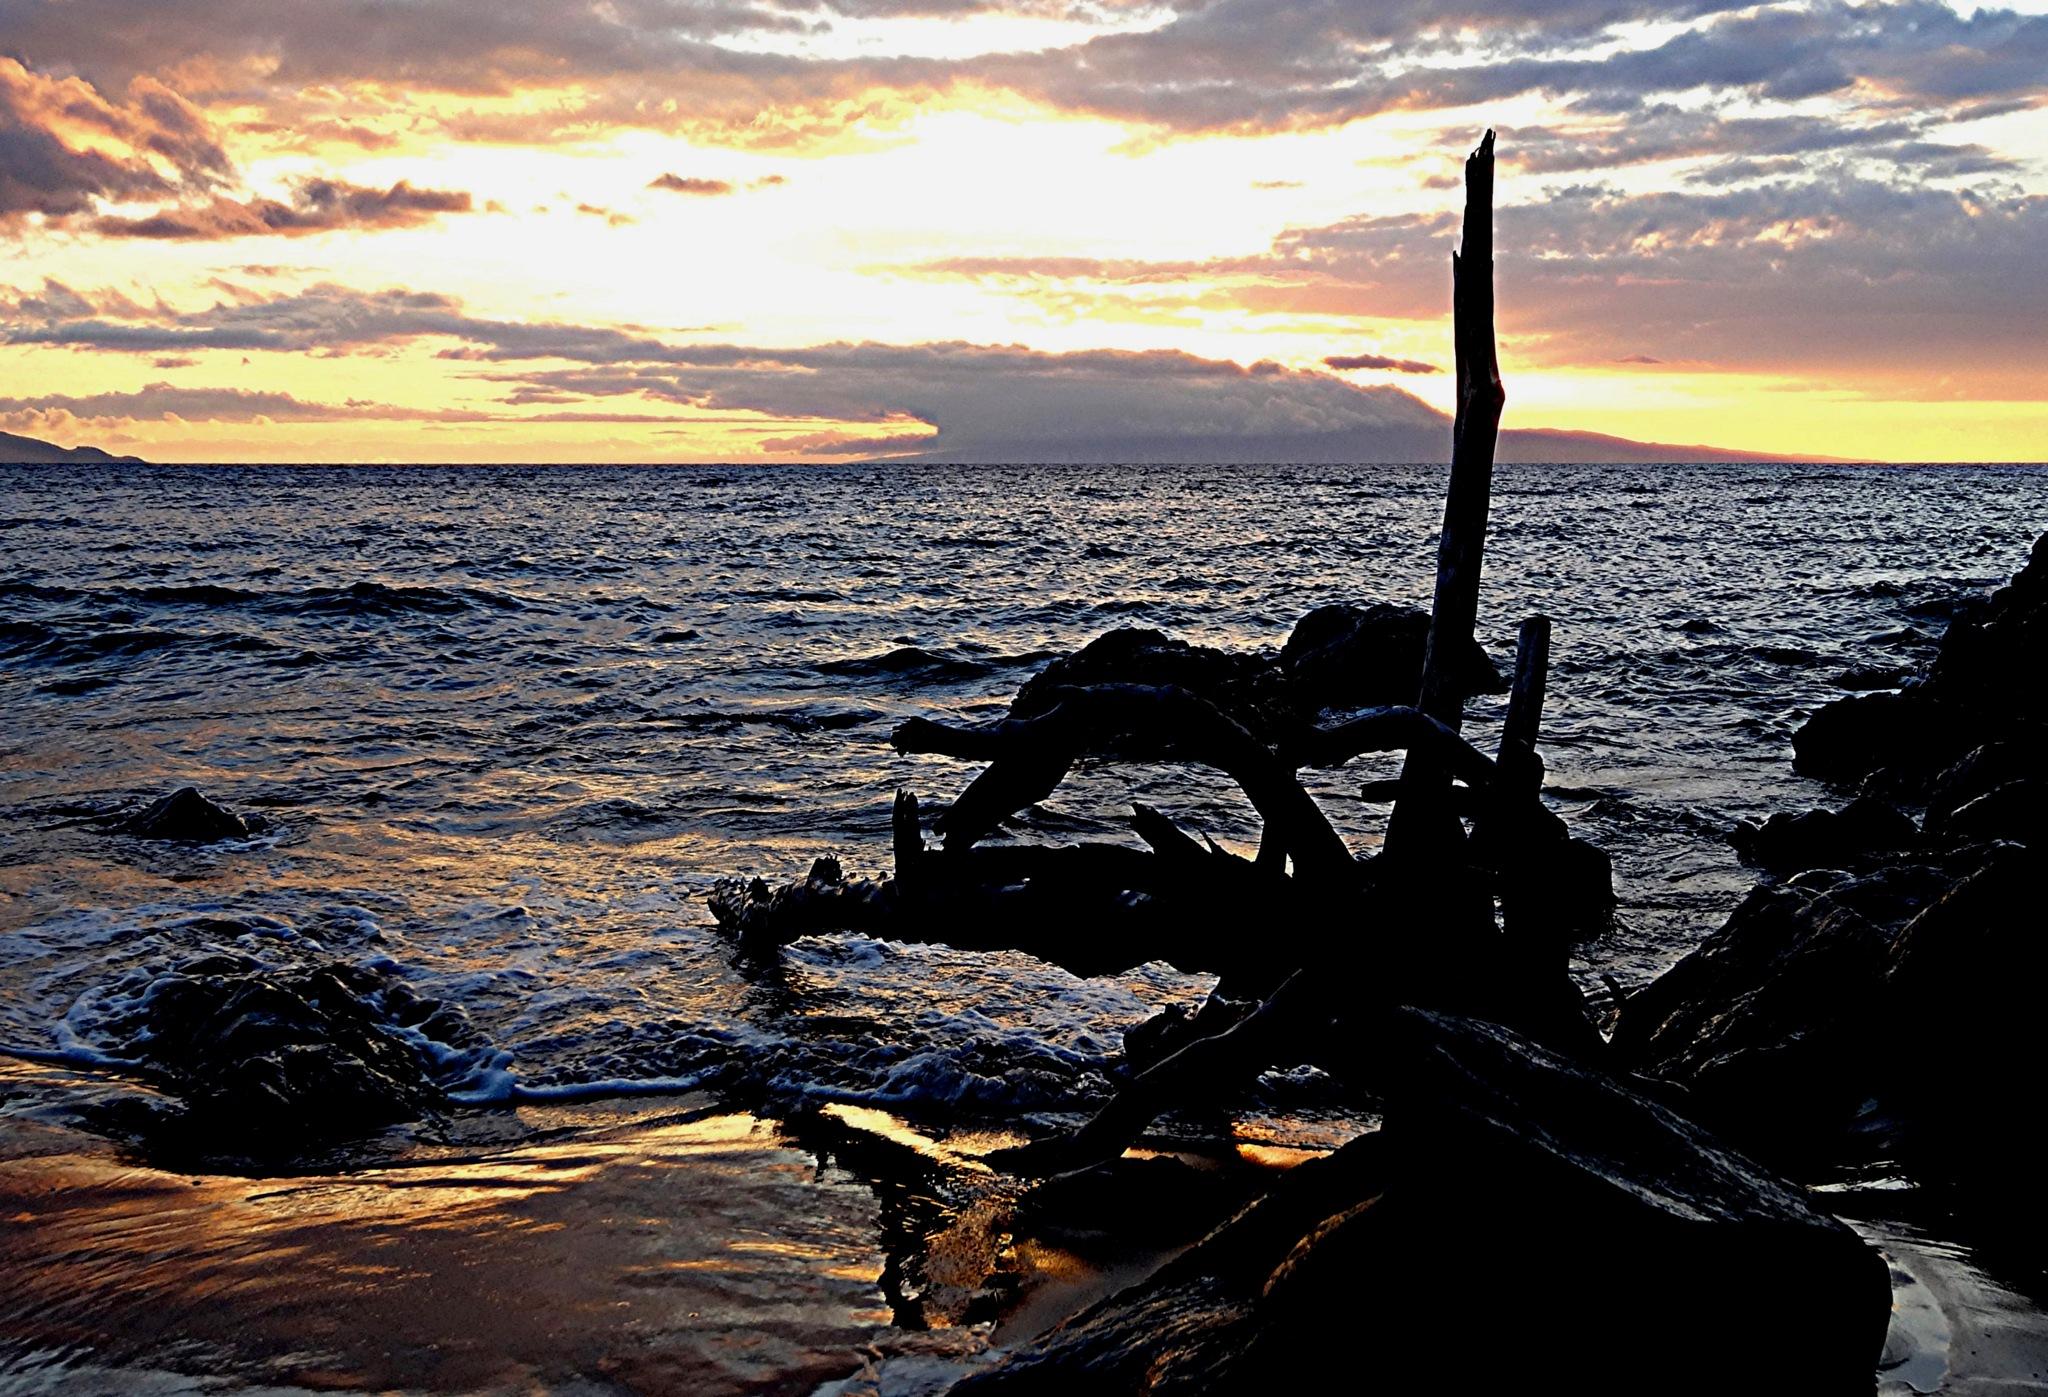 Driftwood Sunset by Joeski